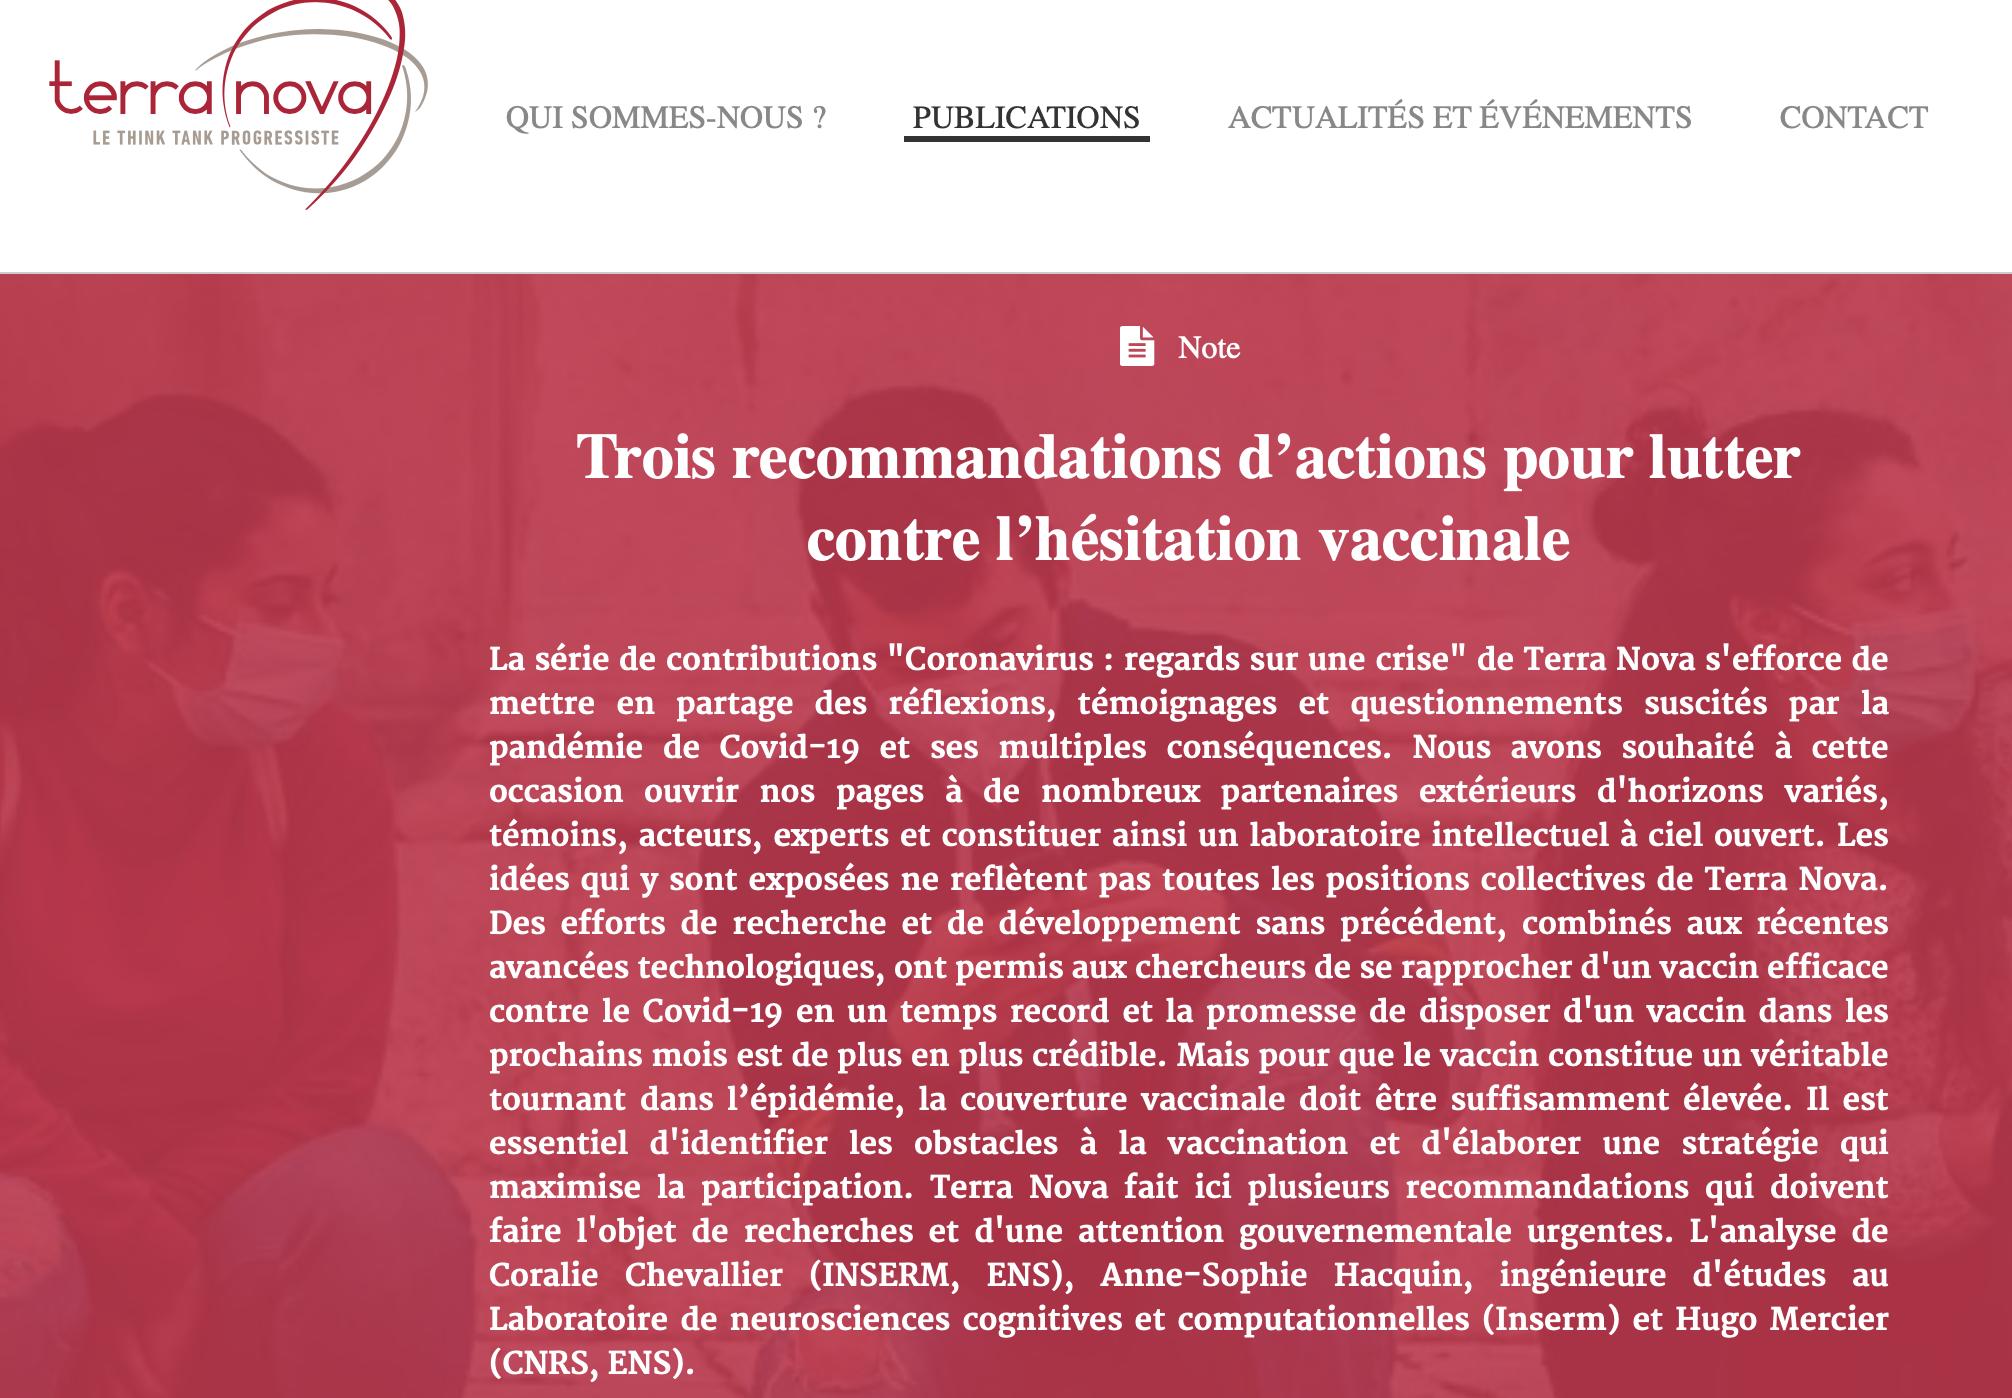 Vaccin : les socialauds expliquent à Macron comment manipuler les Français